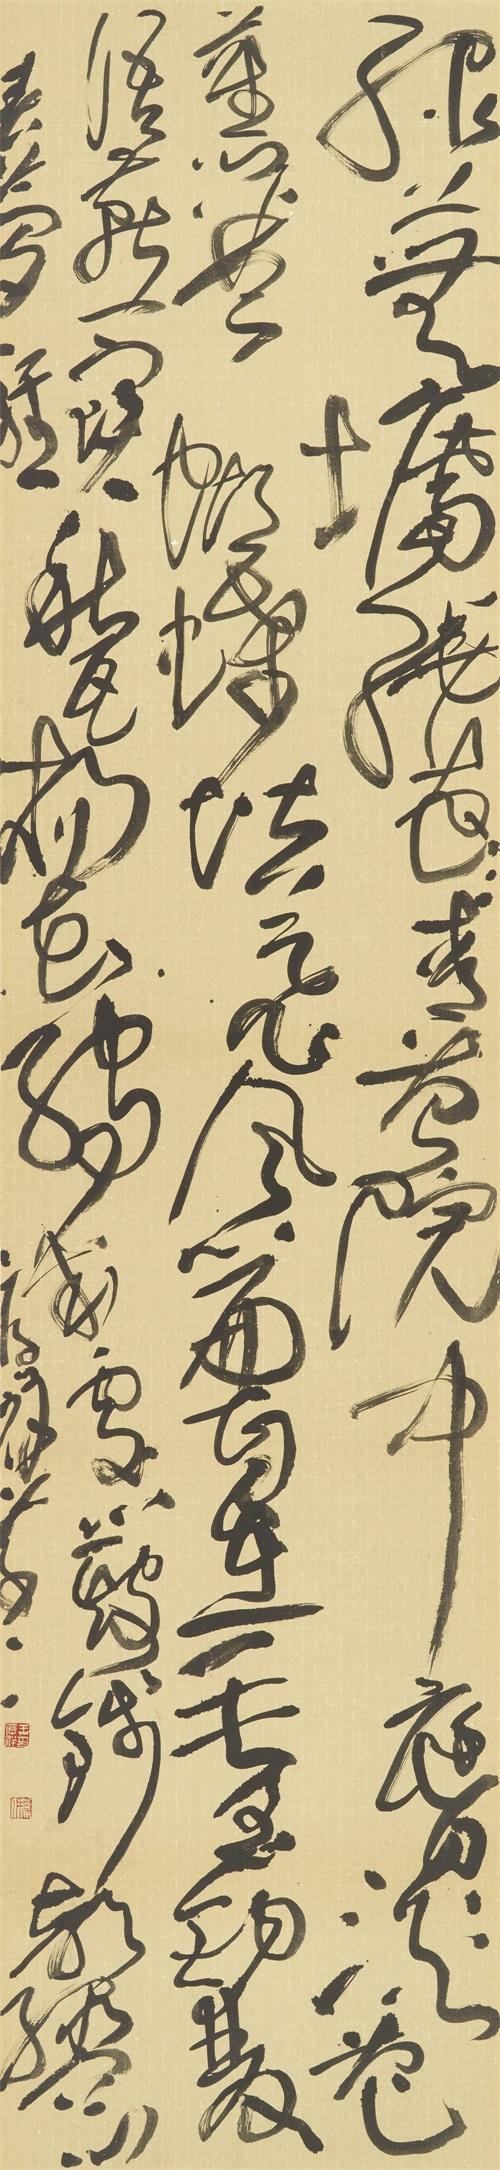 王厚祥 《草书》 234x54cm